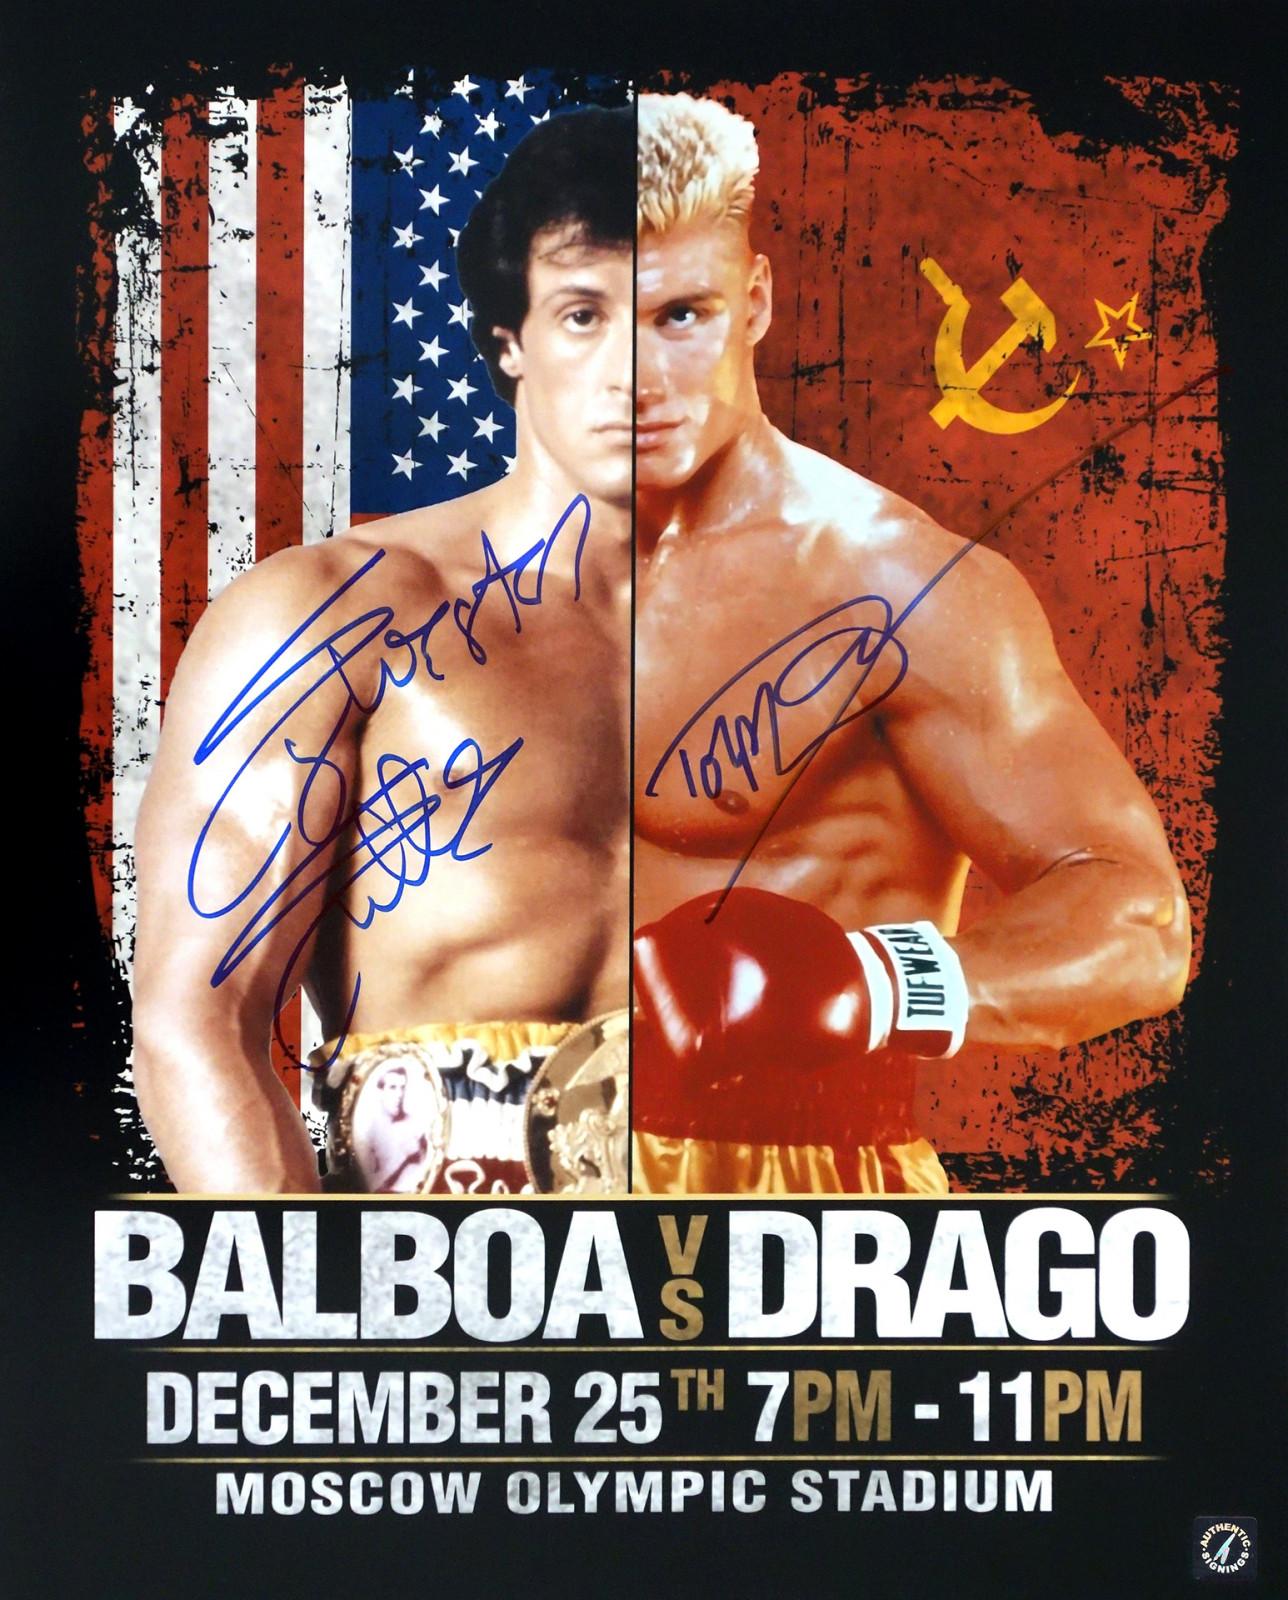 FP Dolph Lundgren Ivan Drago Signiert Autogramme 25cm x 20cm Foto